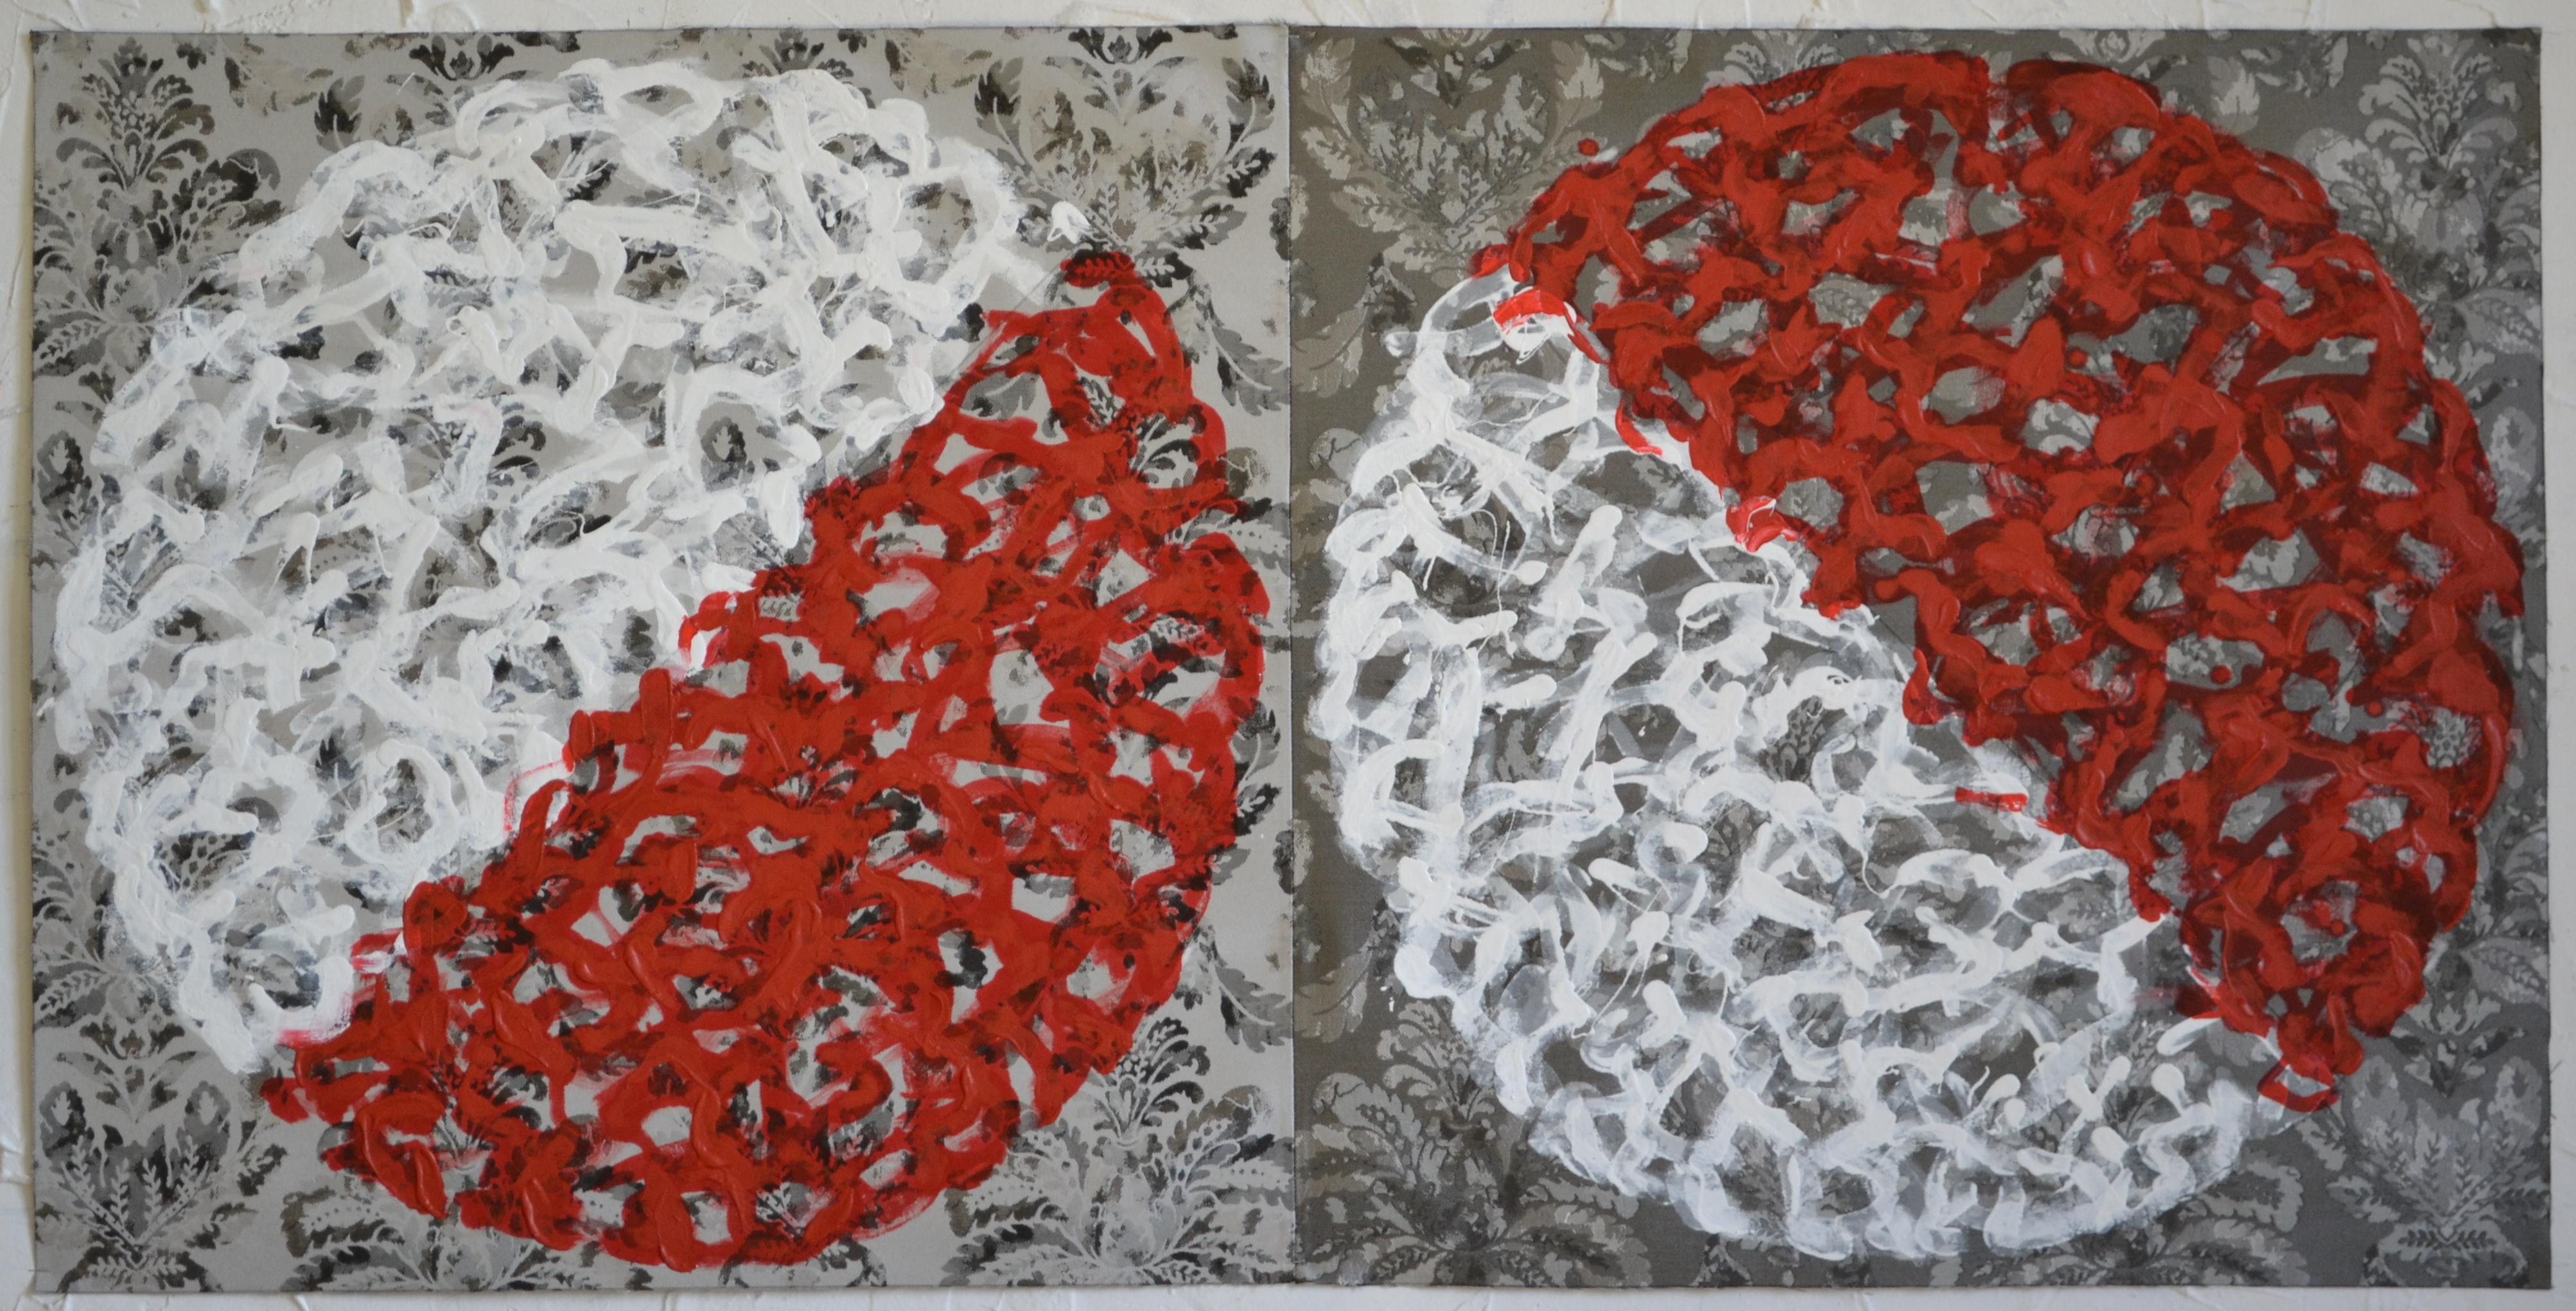 Mappemonde Peinture, acrylique sur tissu libre, 68 x 136 cm